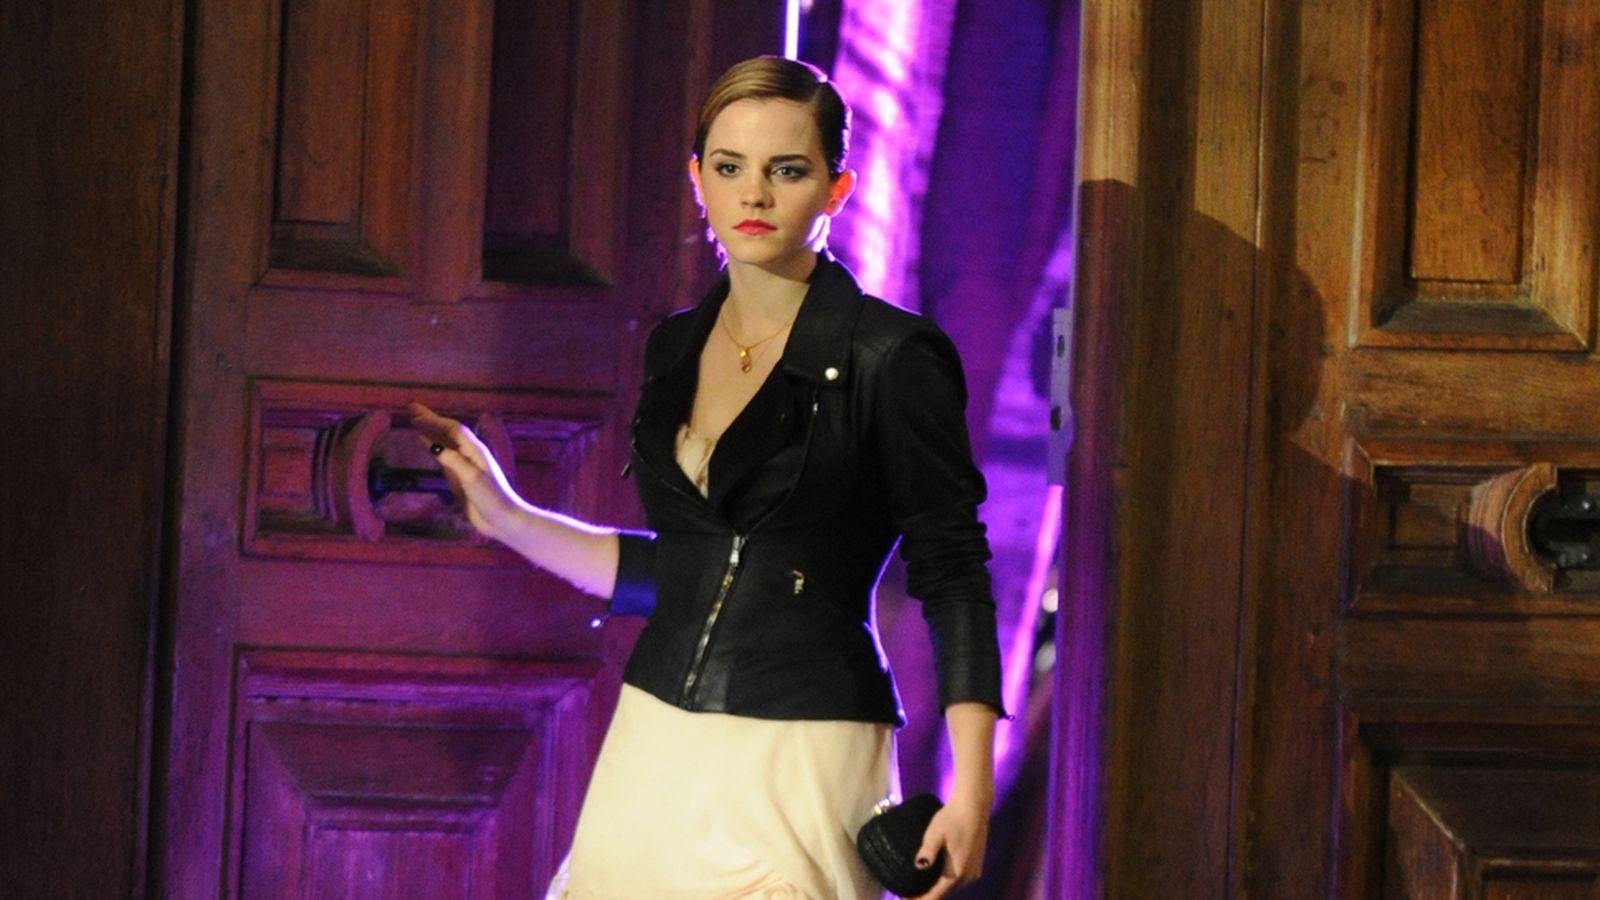 Foto: Emma Watson, en una imagen publicitaria para la firma Lancome